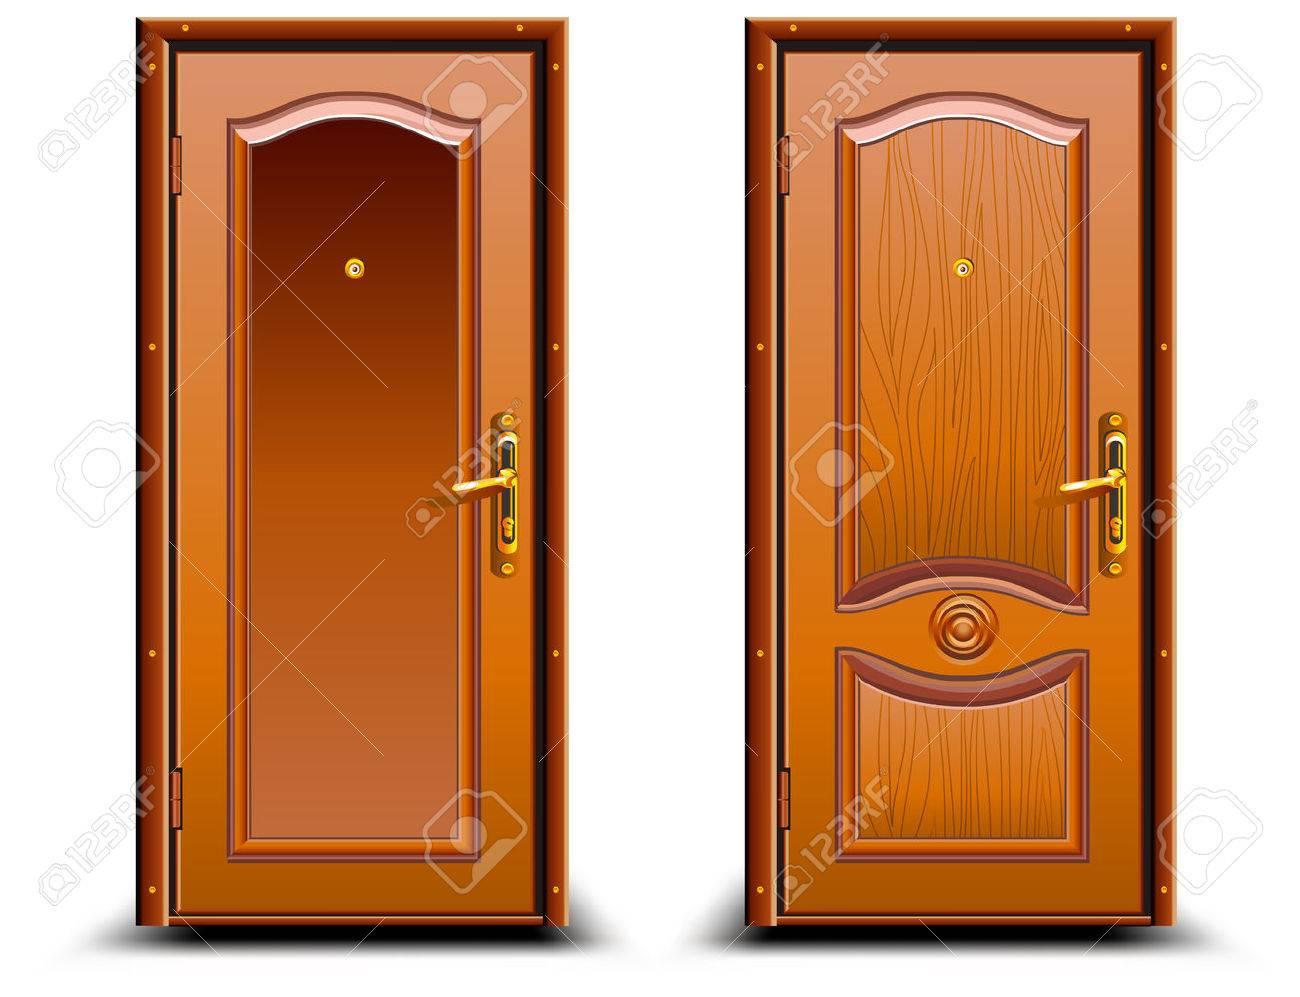 puerta cerrada de madera marrn con diseo clsico de bloqueo la ilustracin foto de